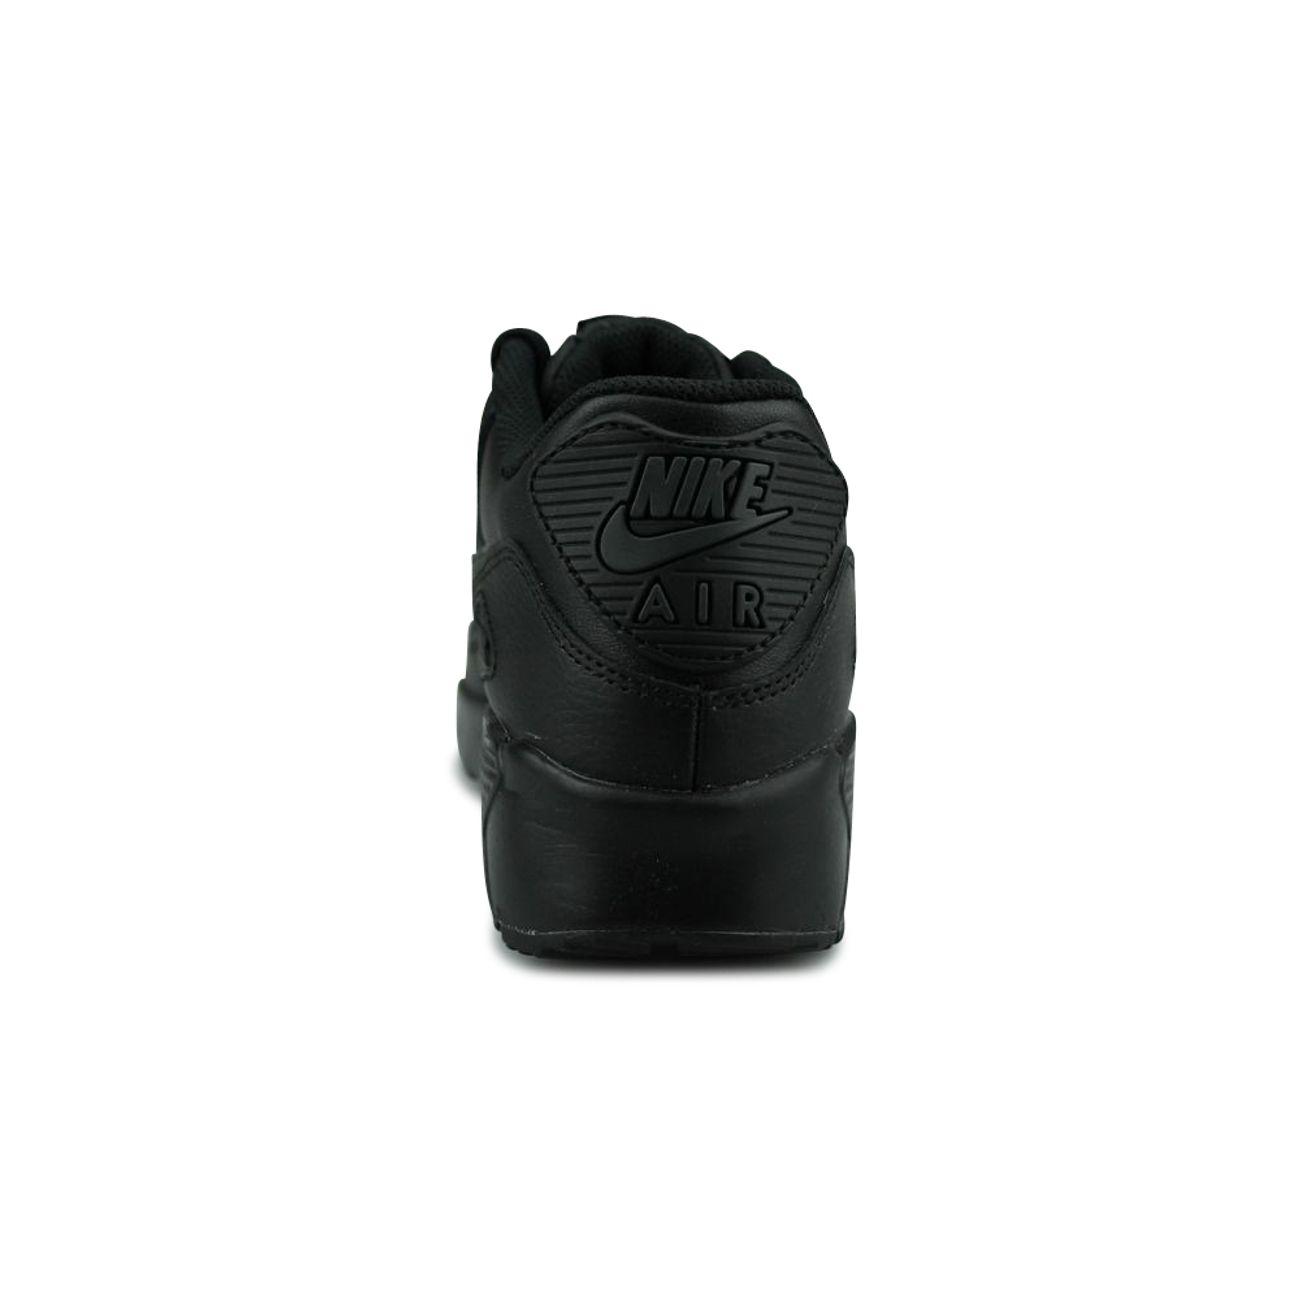 Basket ModeLifestyle 833412 Noir Ltr Garçon 90 022 Max Junior Nike Air m8nN0wyvO